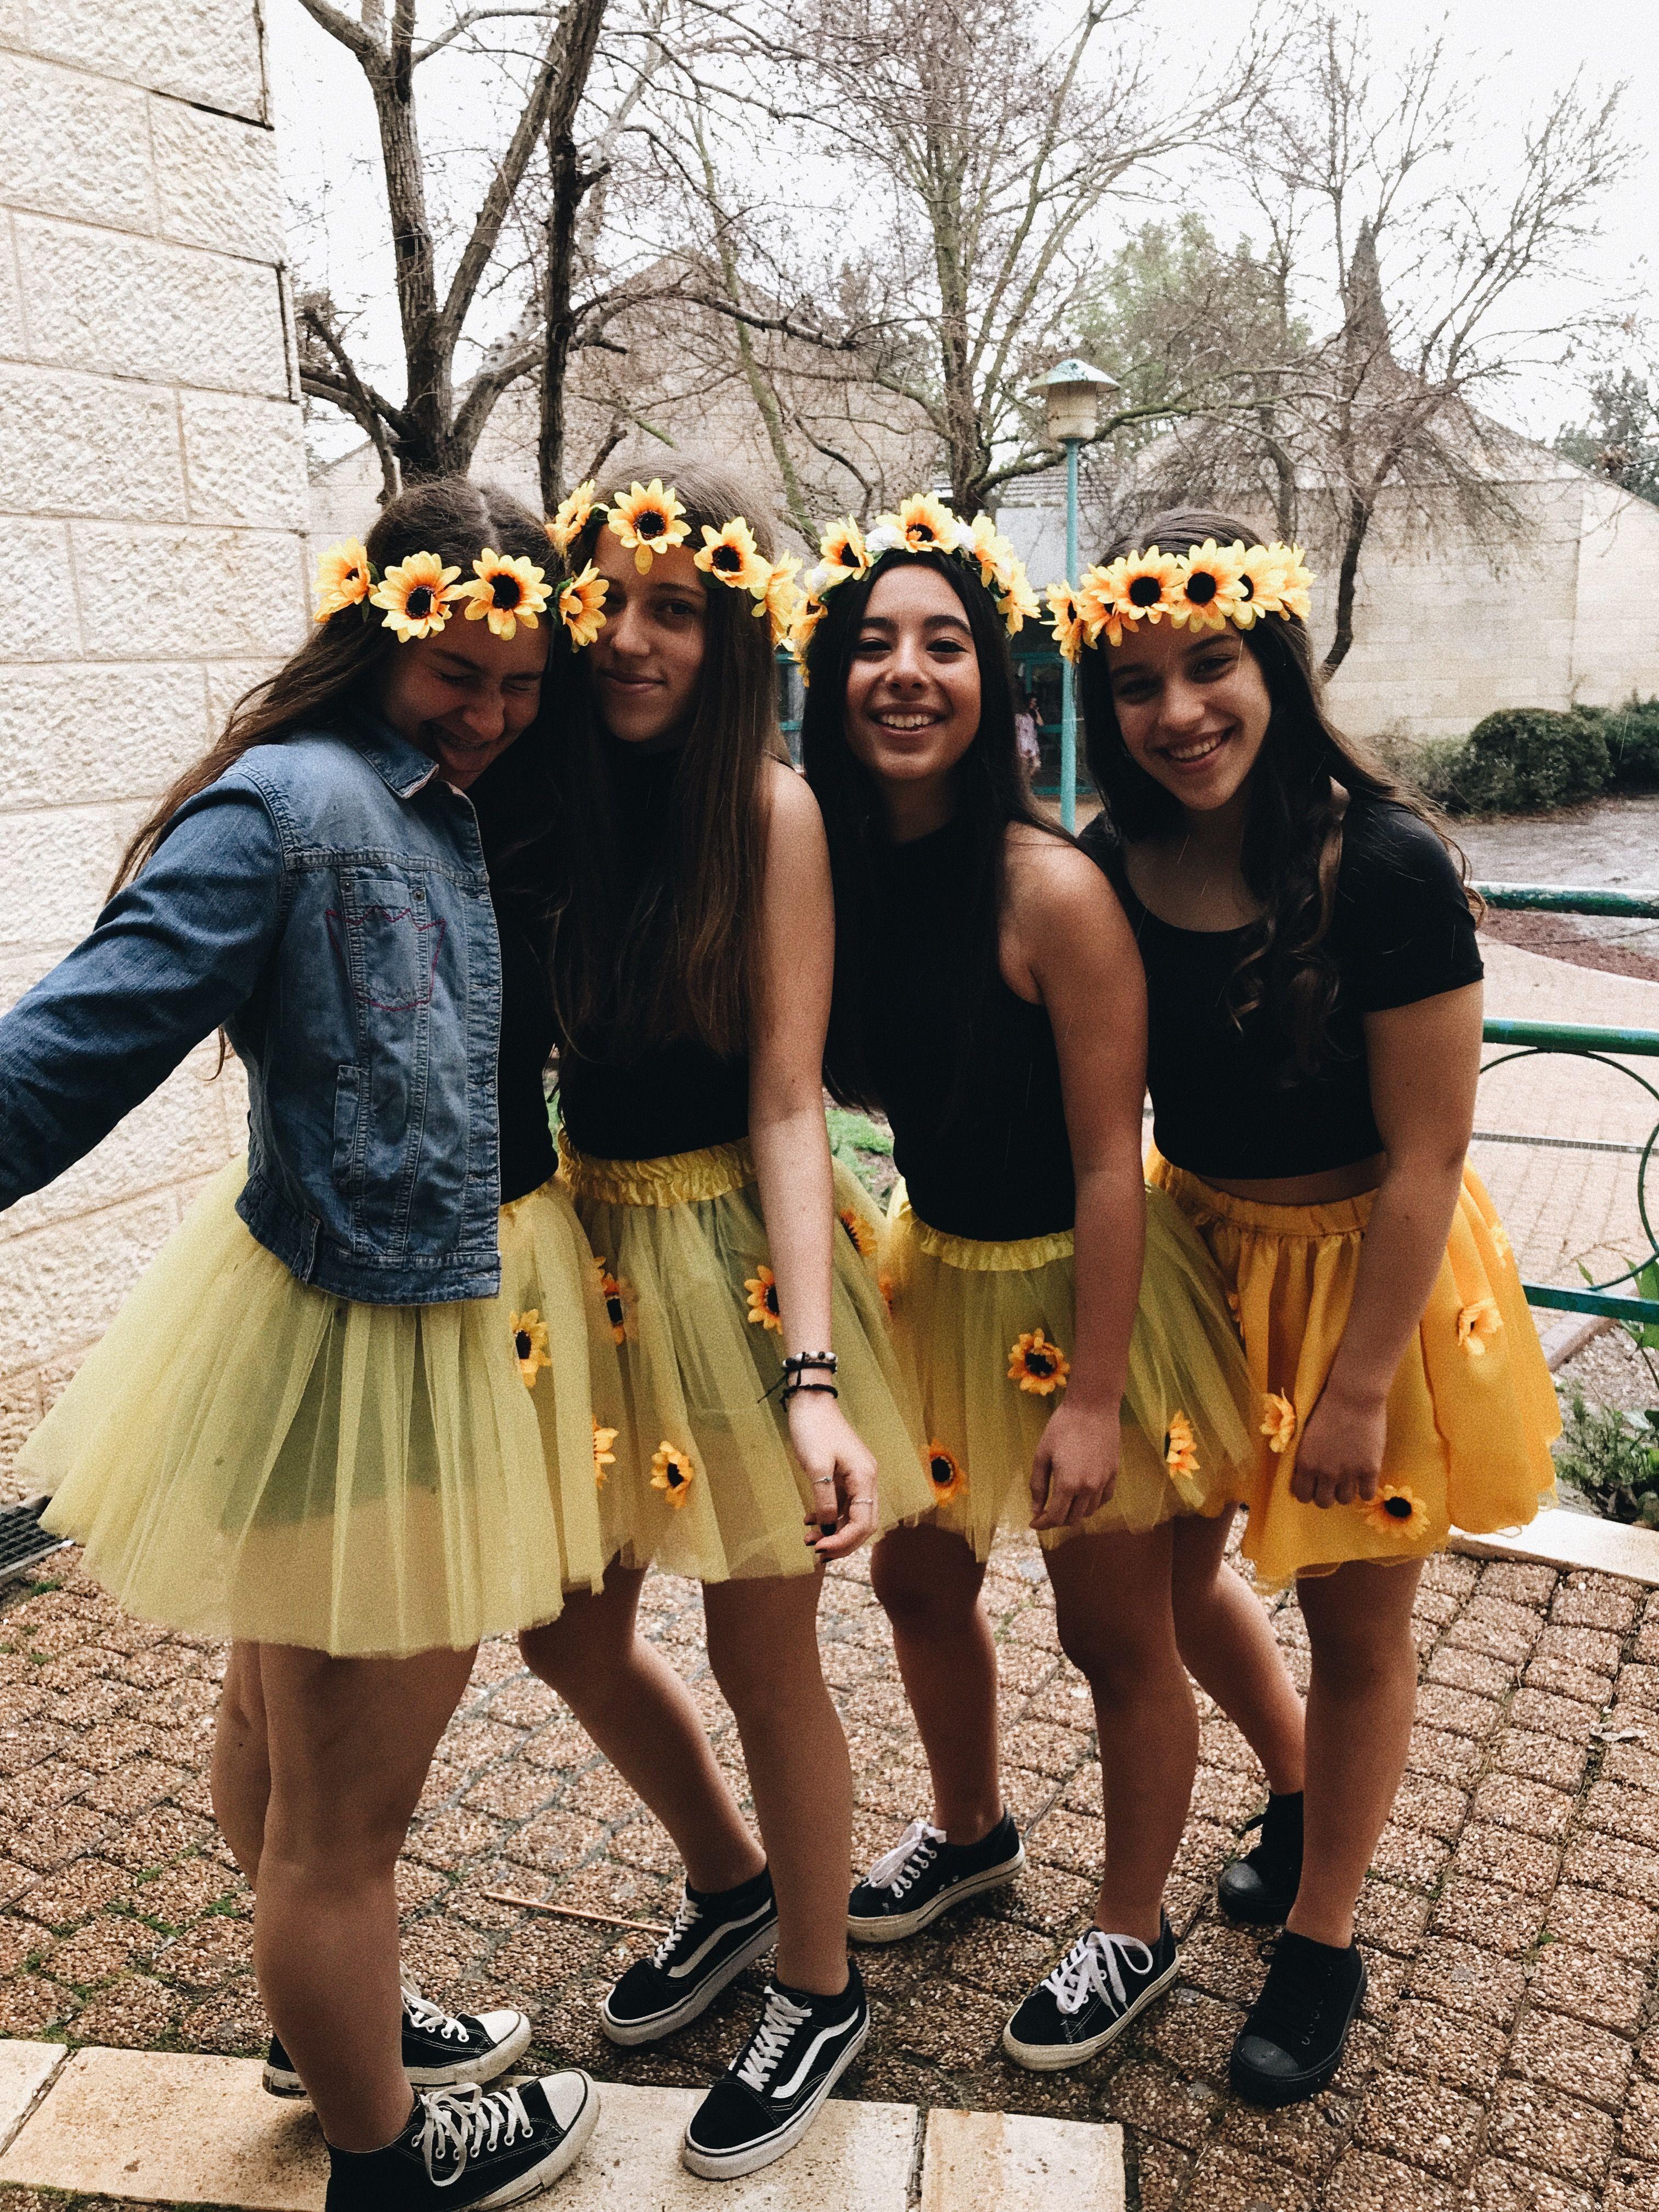 Costume | Disfraces carnaval, Disfraces originales carnaval, Disfraces de  halloween para mejores amigas